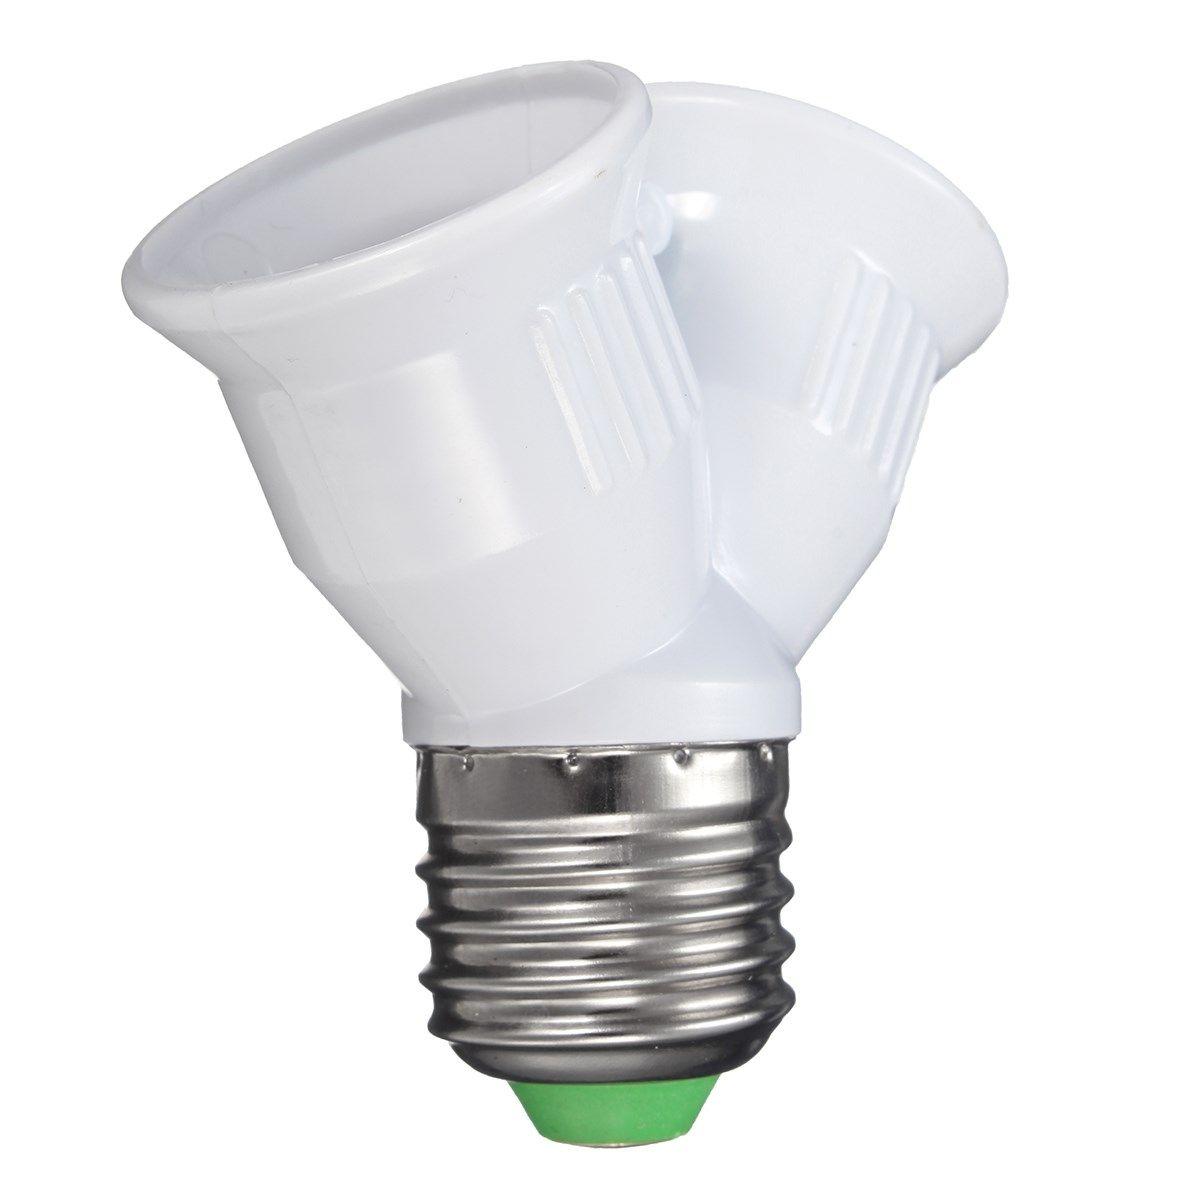 1a E27 To E27 Lamp Base Double Socket Lamp Base Holder Converter Splitter Adapter For Led Light Lamp Bulb 220v Led Light Lamp Lamp Bases Lamp Bulb